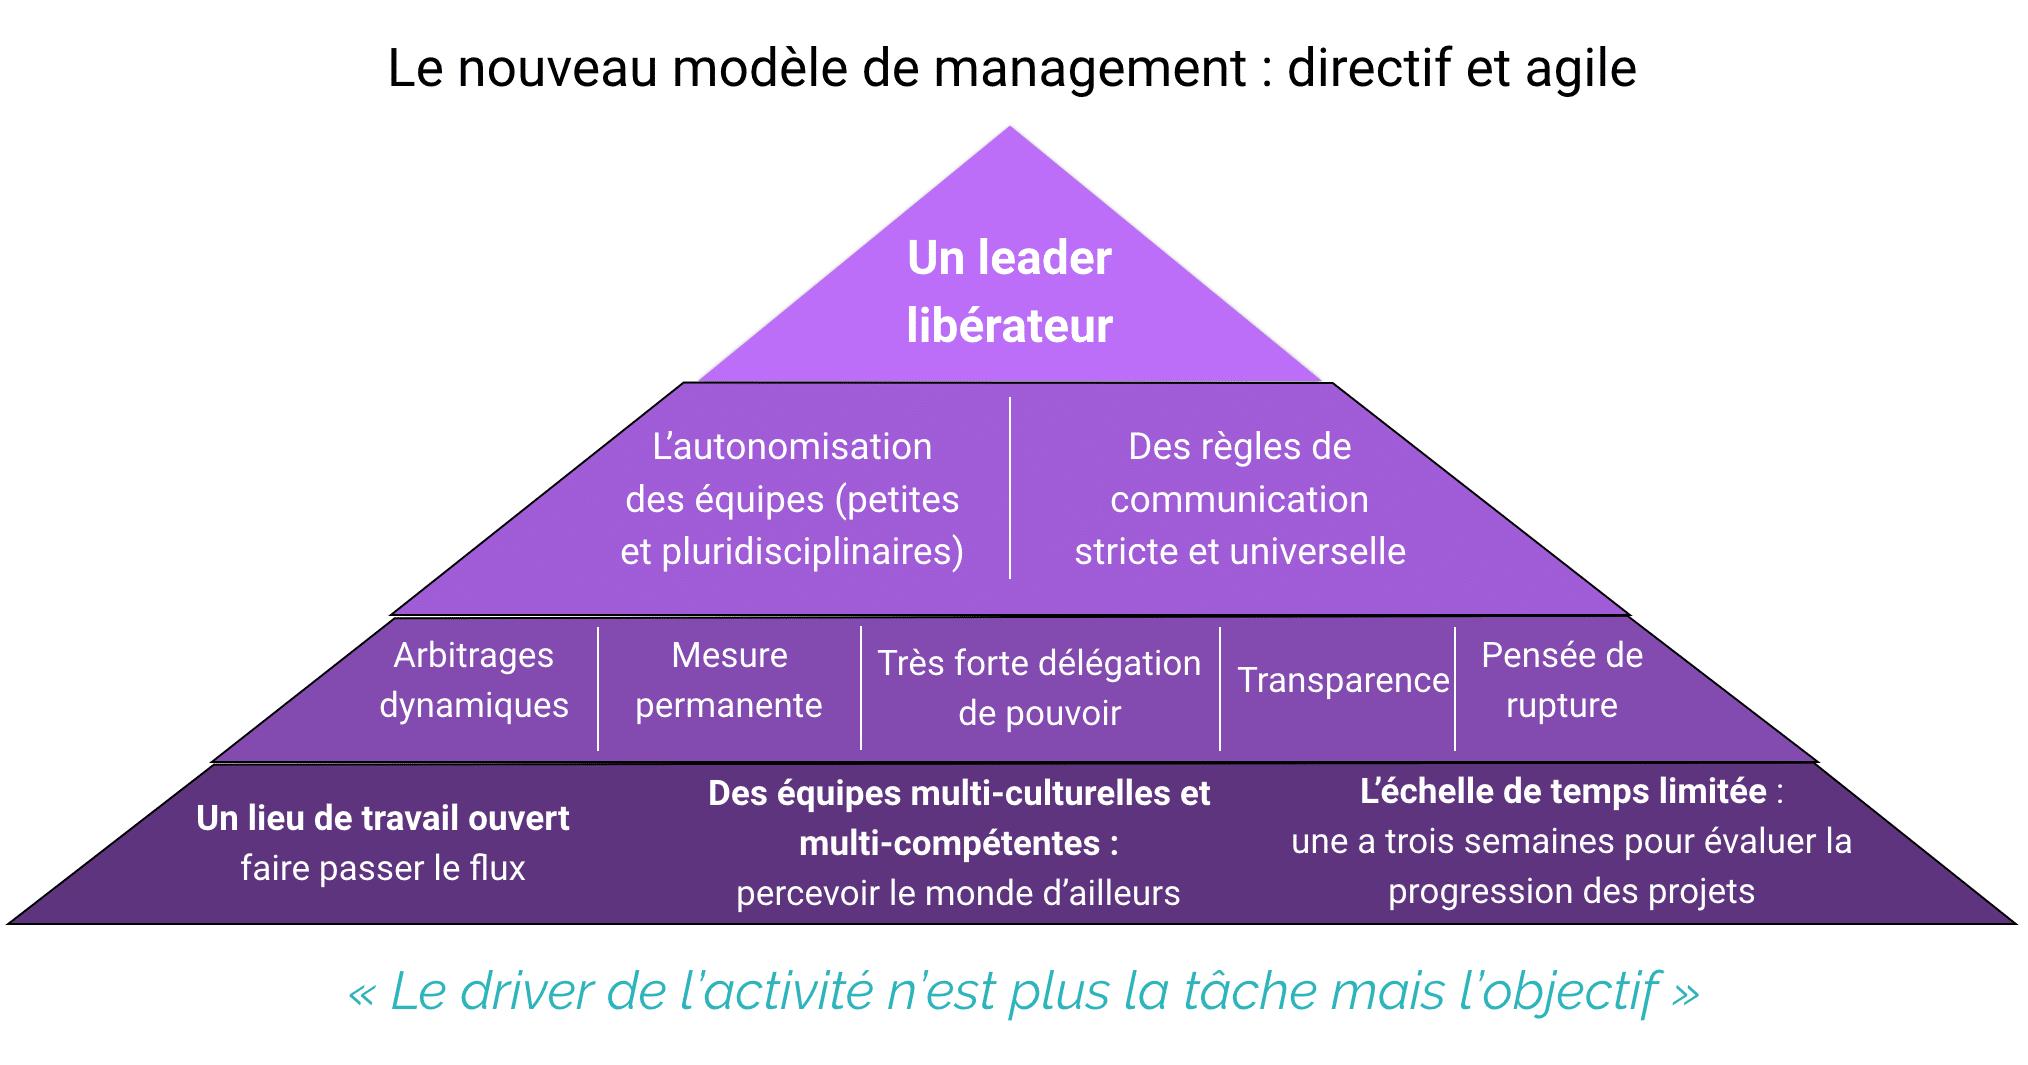 modele-management-directif-et-agile